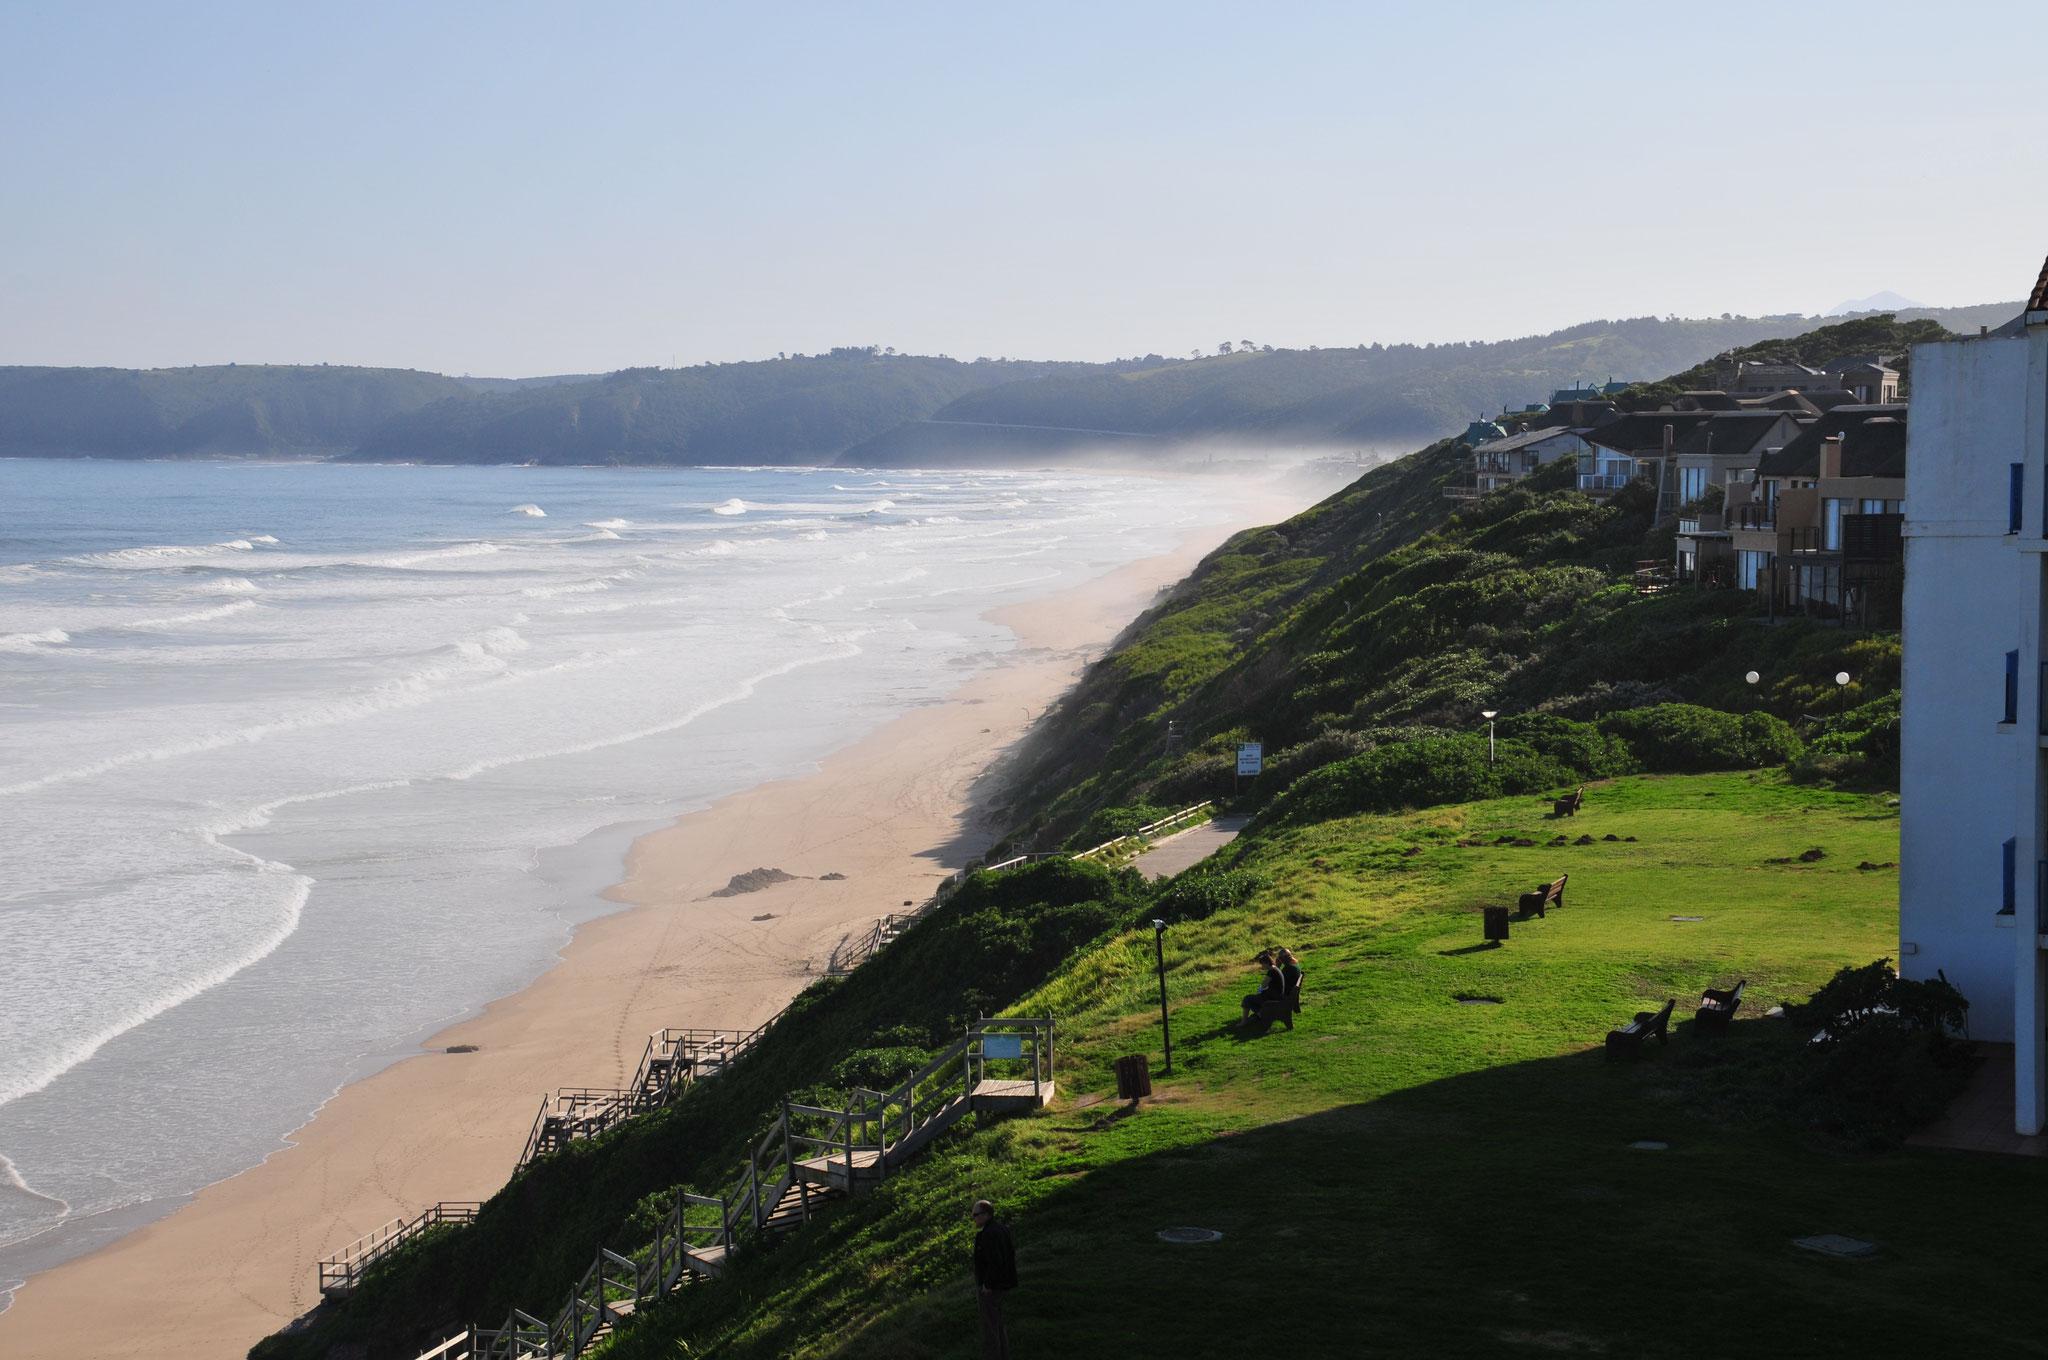 ..auf einen traumhaften Strand, welcher zu einem Spaziergang einlädt